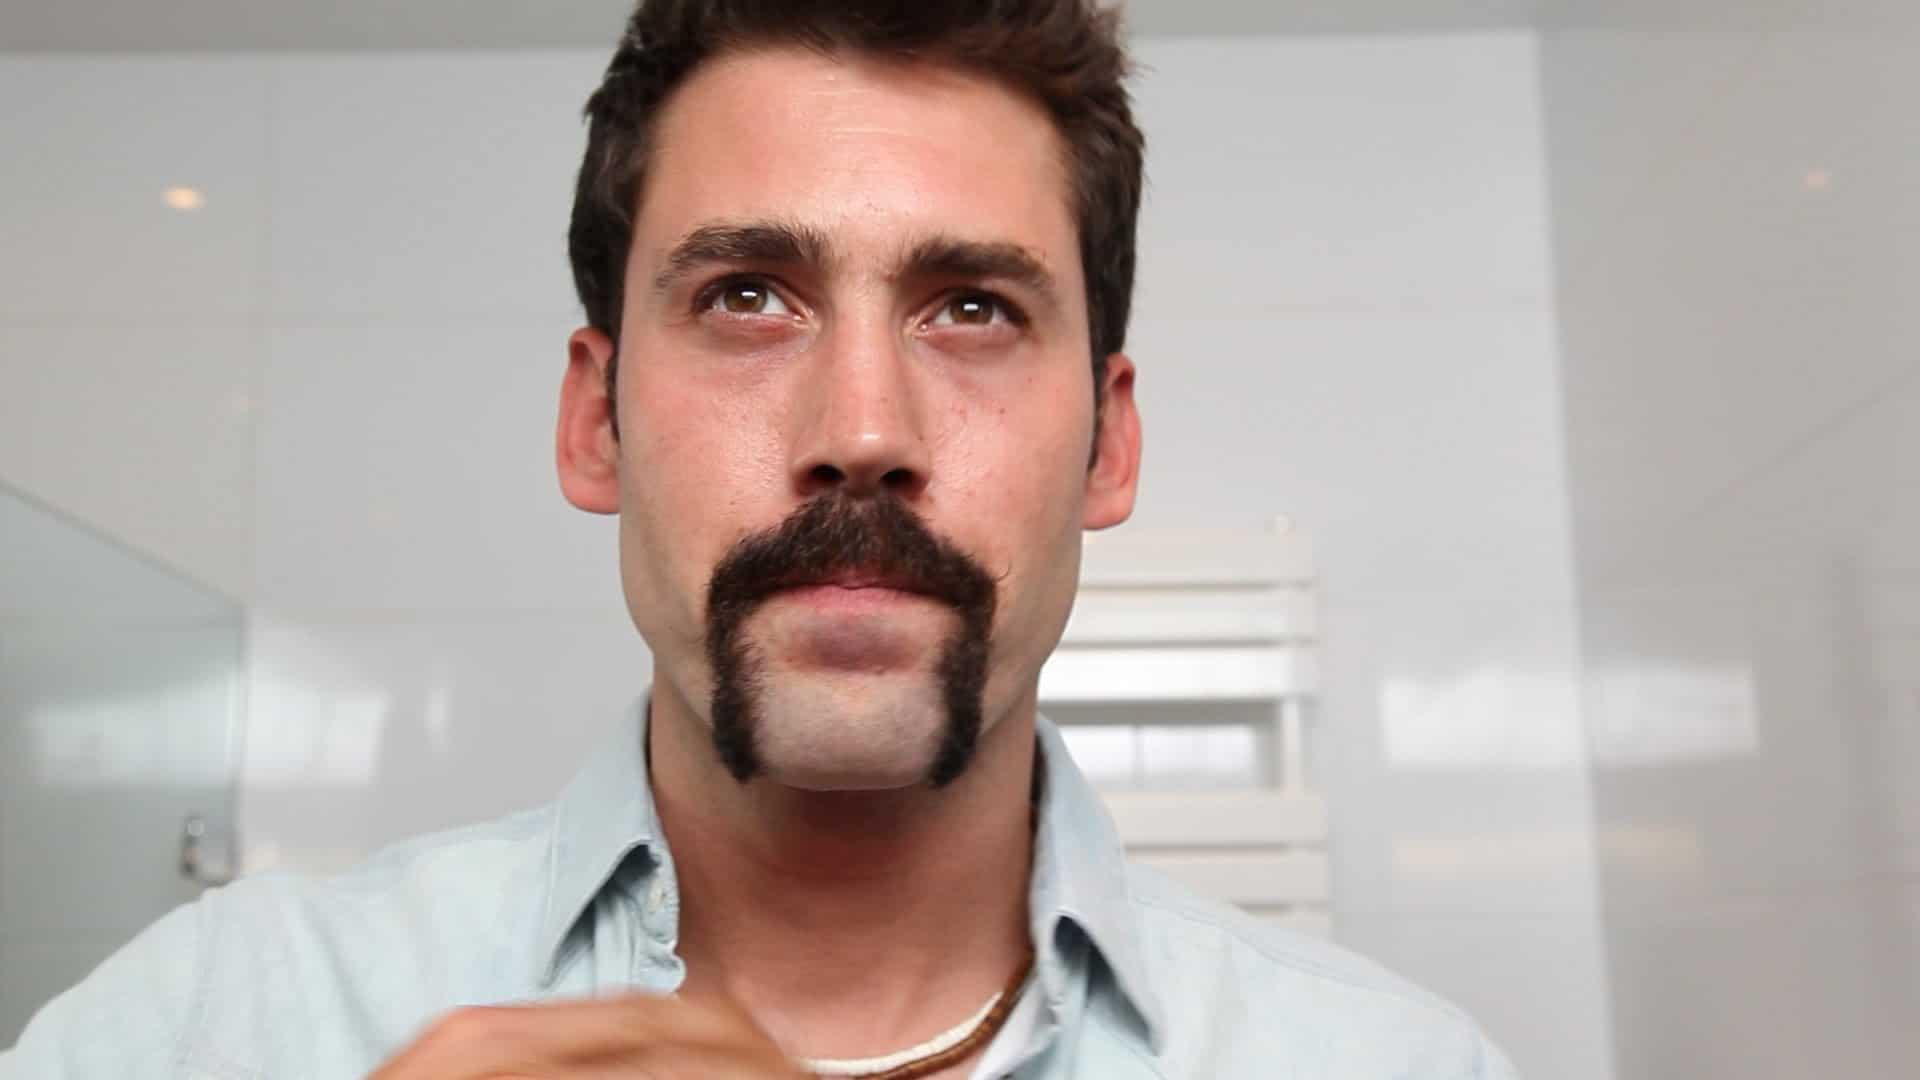 Horseshoe – mustache style